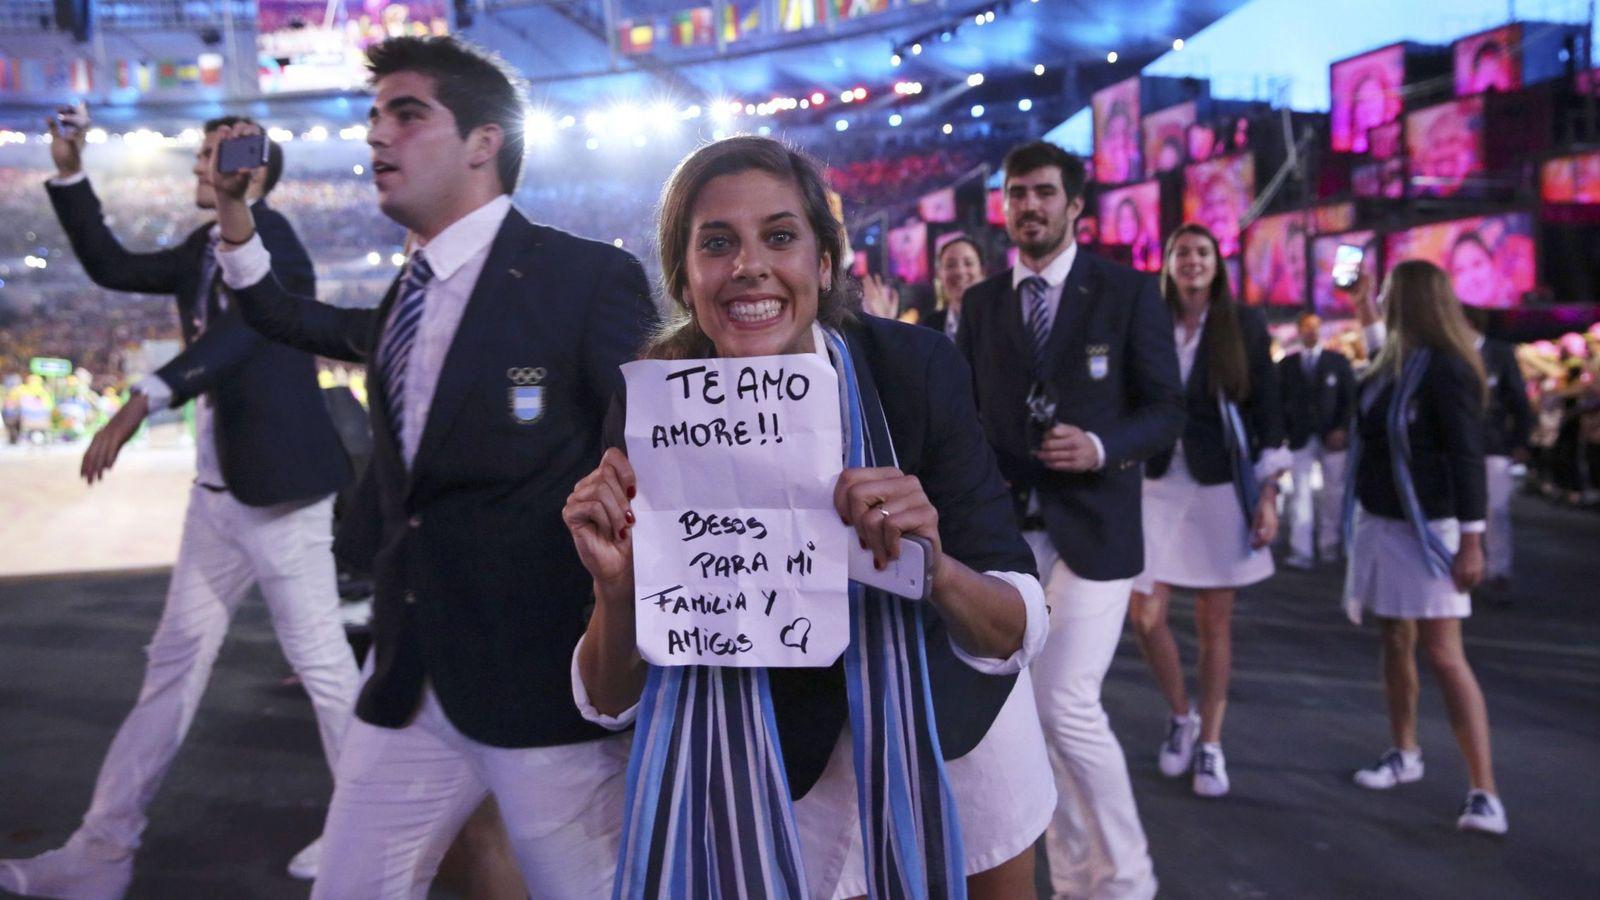 Lujoso Juegos De Fiesta Se Visten Friso - Vestido de Novia Para Las ...